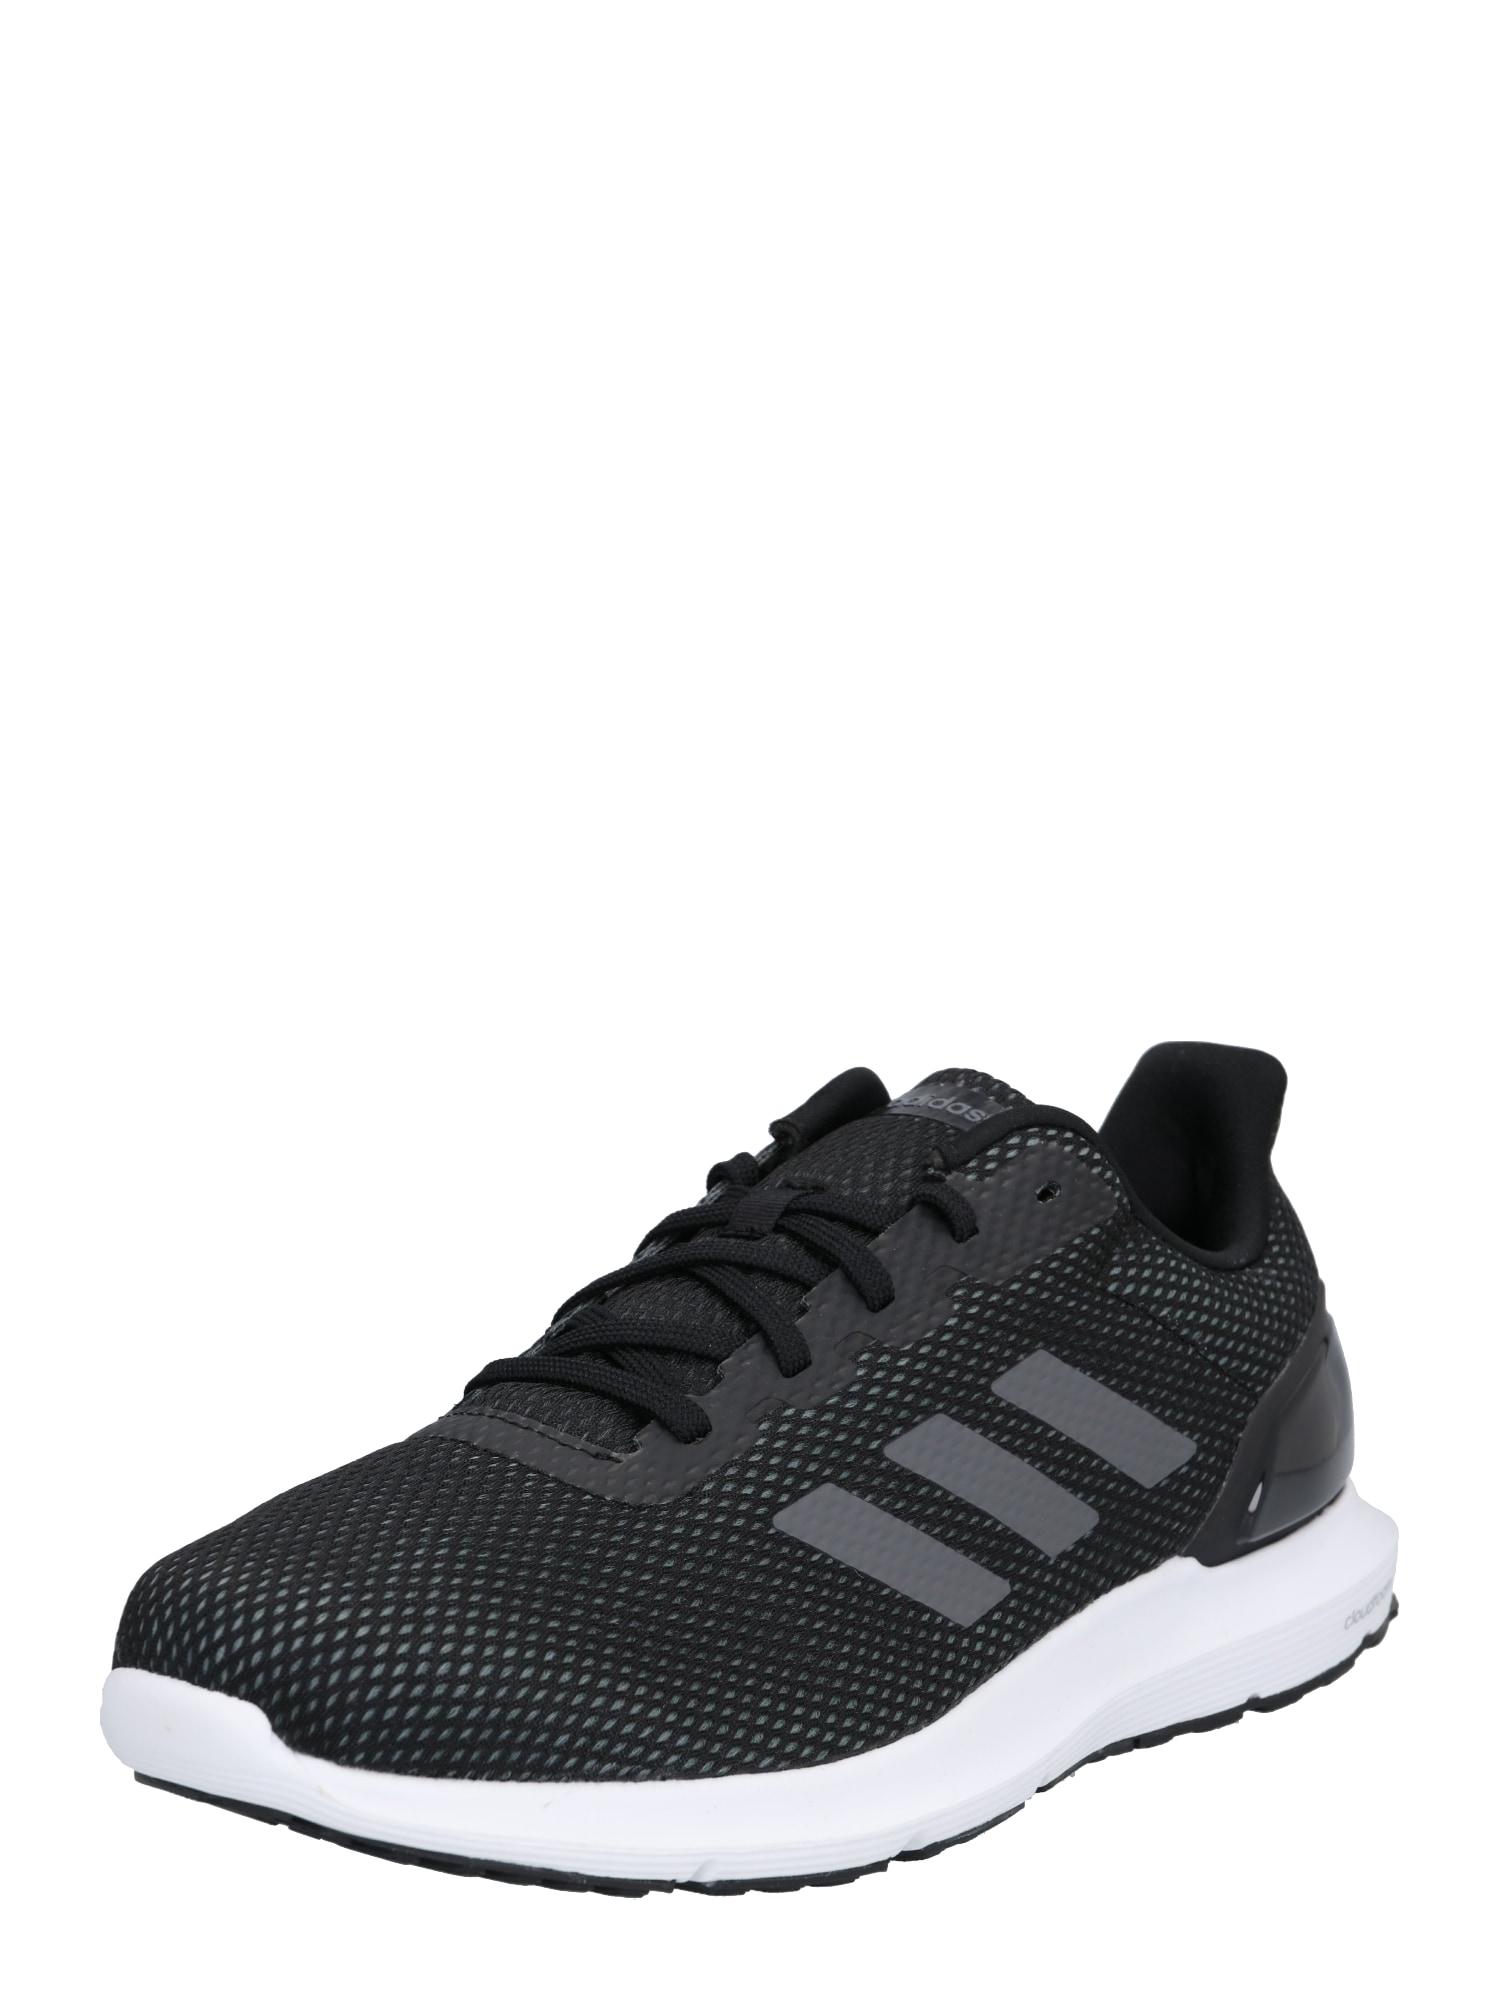 Sportovní boty COSMIC 2 tmavě šedá ADIDAS PERFORMANCE